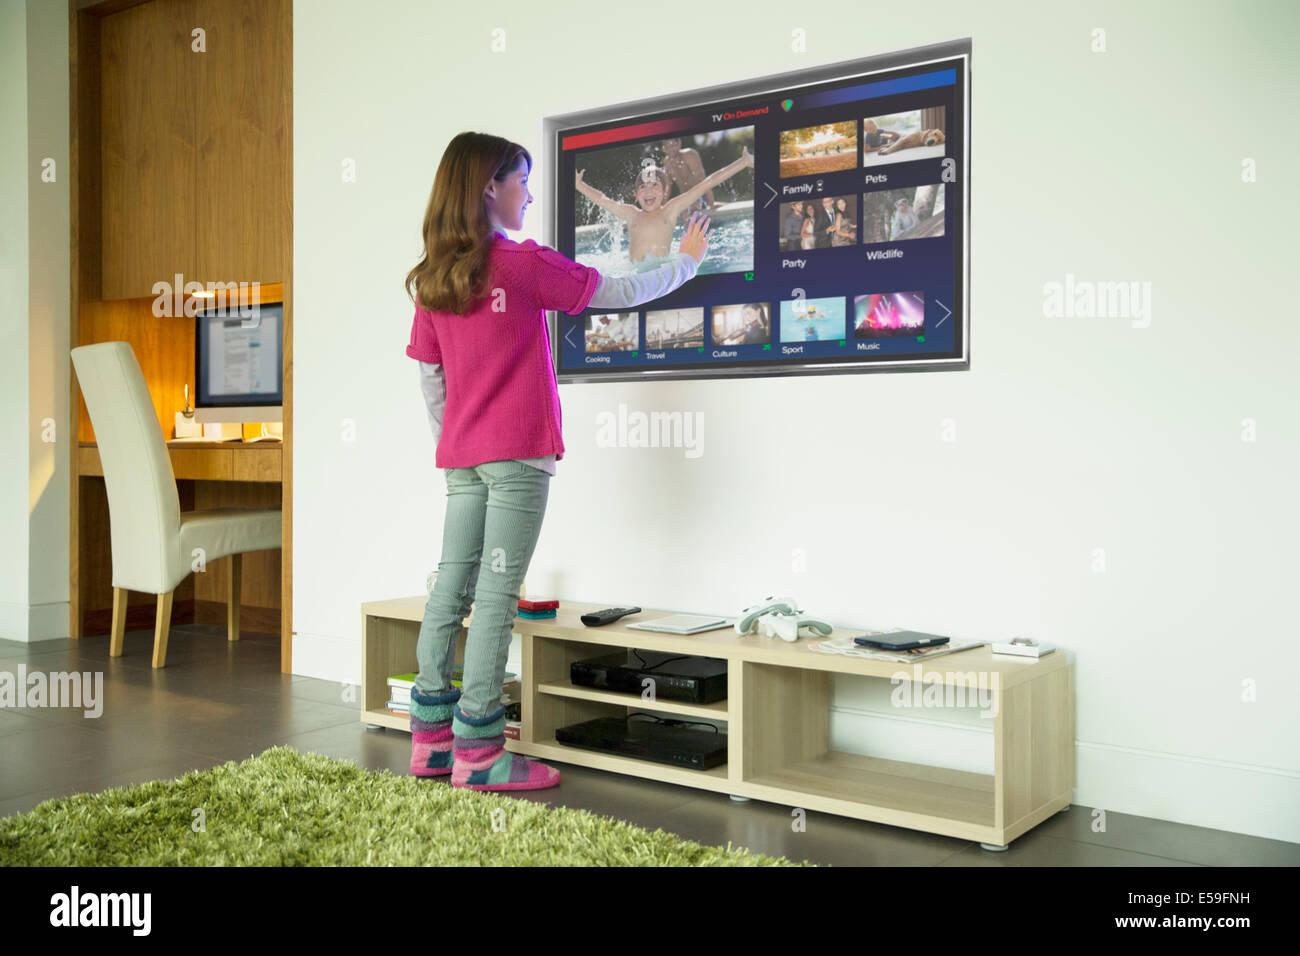 Fille à l'aide d'un écran tactile dans le salon de télévision Photo Stock